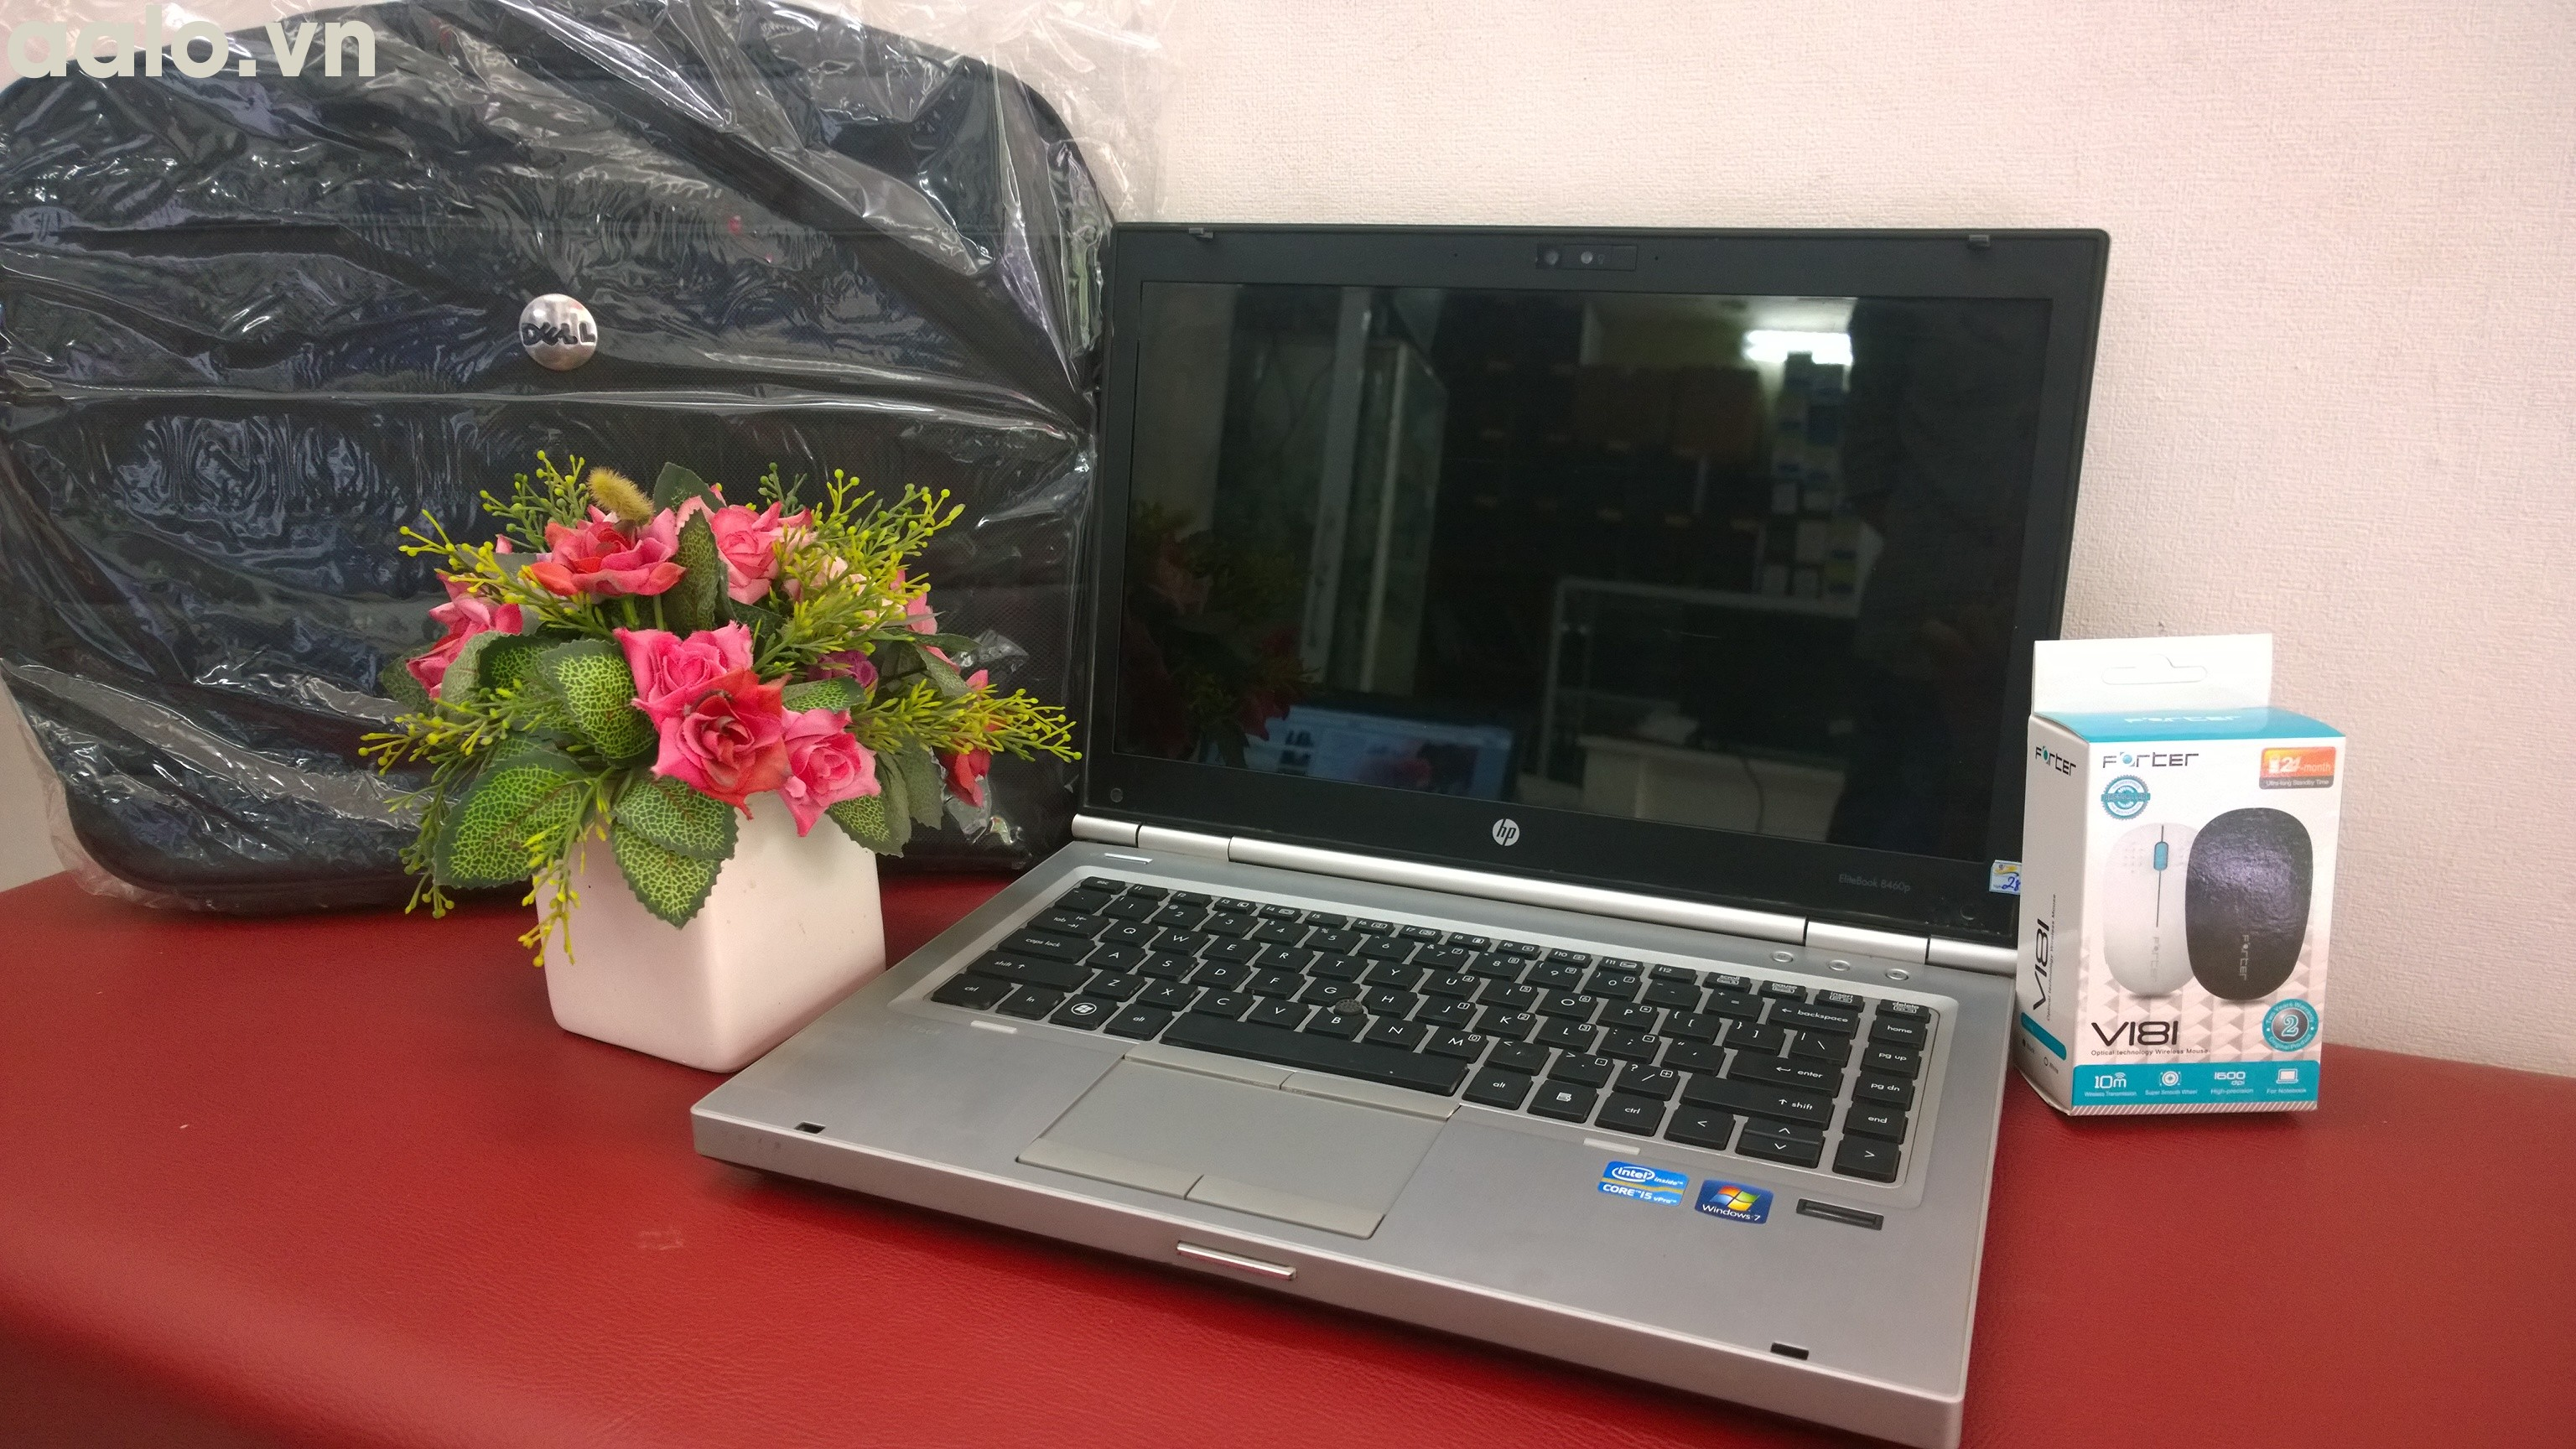 Laptop HP Elitebook 8460p cũ (Core i5 2520M, 4GB, 250GB, Intel HD Graphics 3000, 14 inch) - bảo hành 1 năm